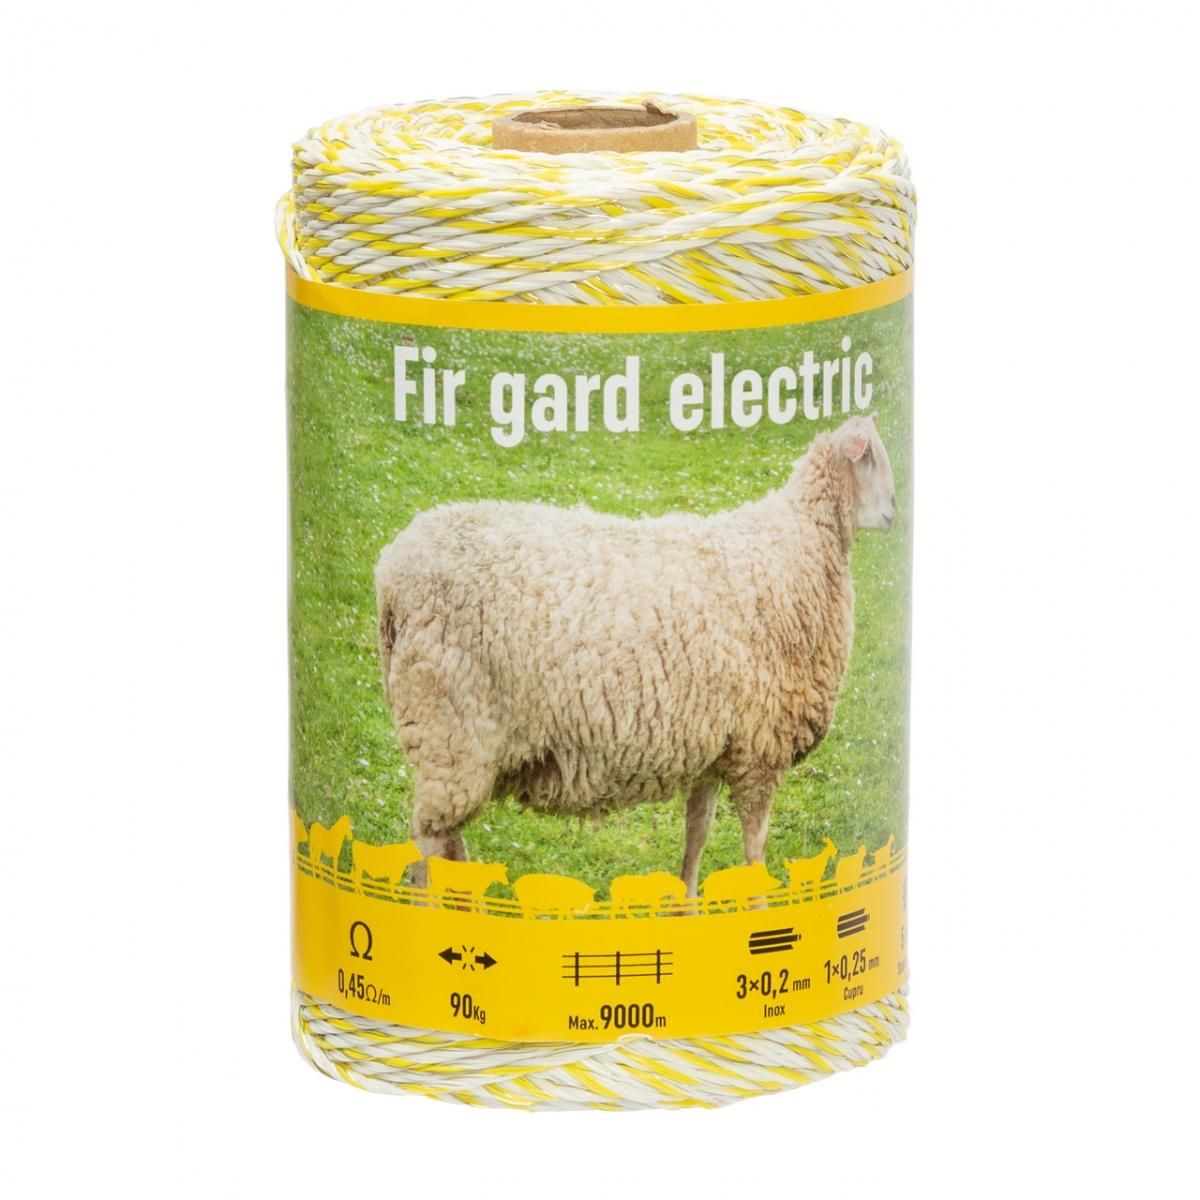 Fir gard electric - 250m - 90kg - 0,45Ω/m